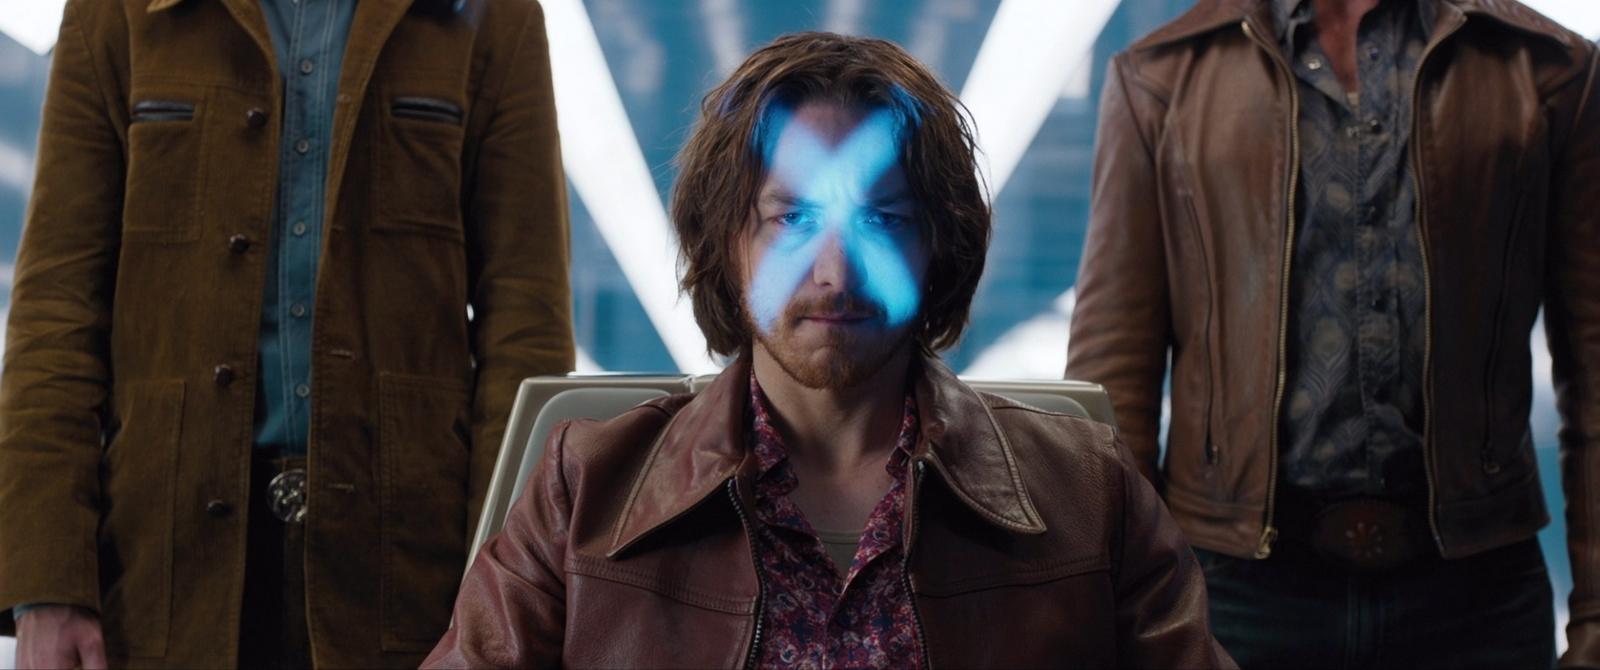 X-Men - Days of Future Past - 014